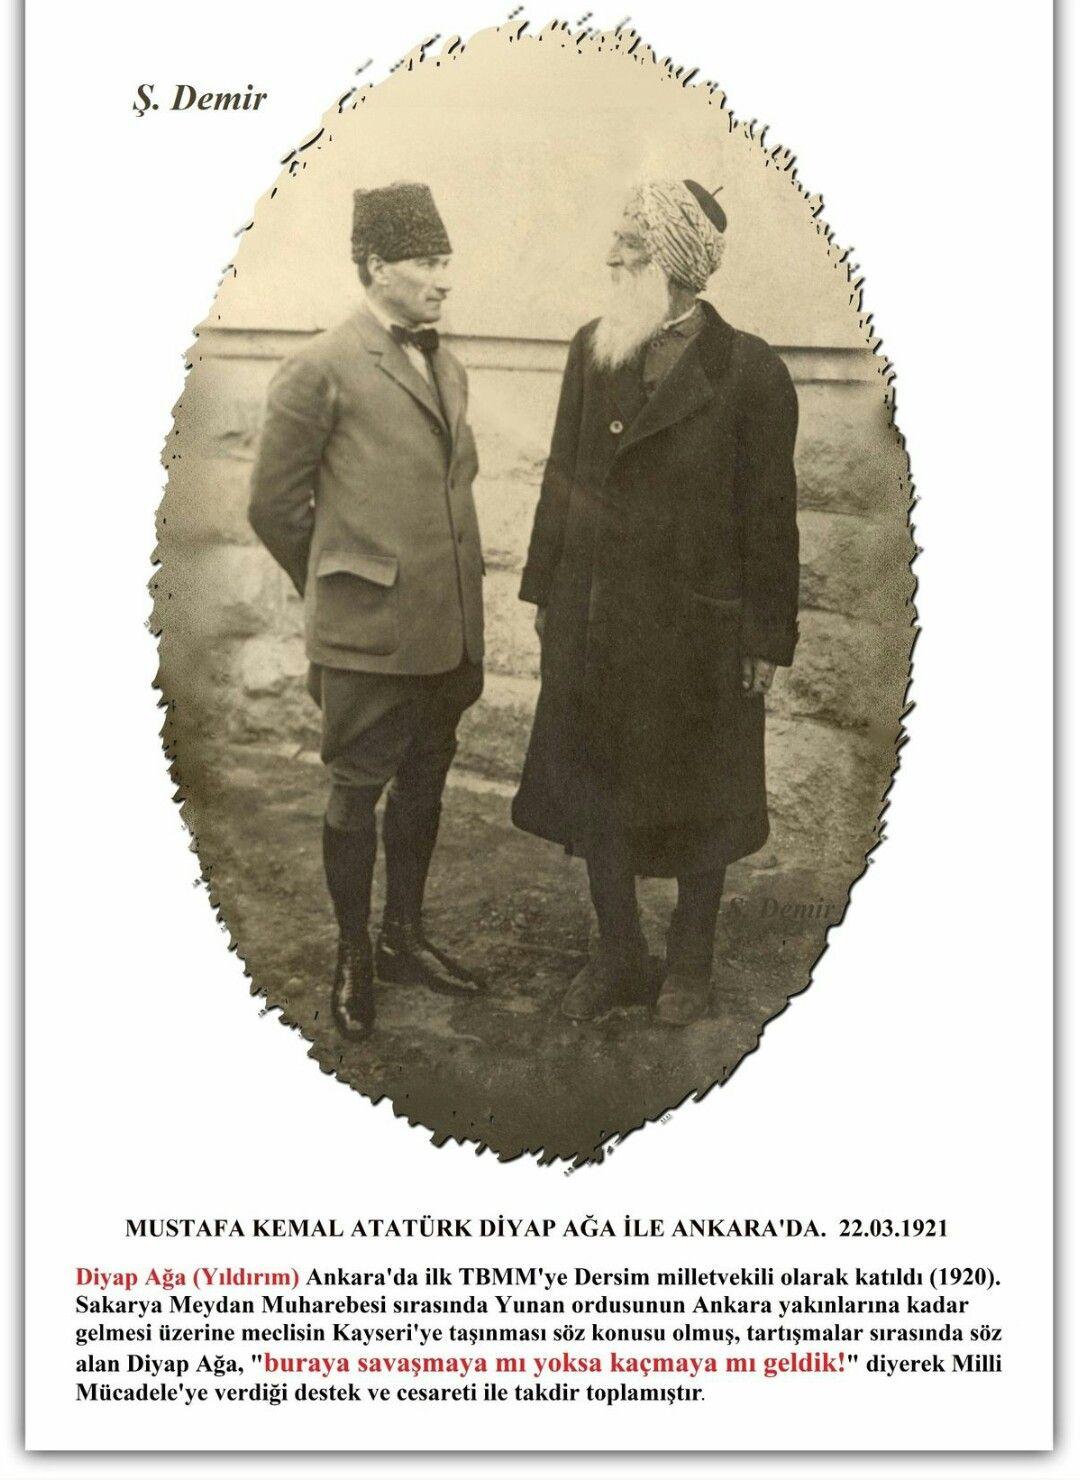 Kemal Ataturk Adli Kullanicinin Ata Turk Panosundaki Pin 2020 Nadide Fotograflar Ordu Galeri